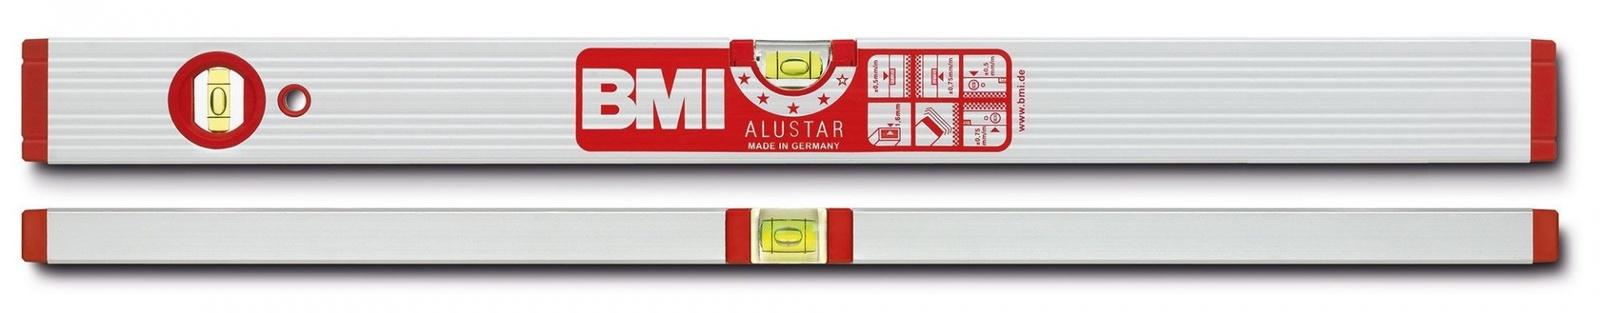 Уровень противоударный ALUSTAR 1000 мм BMI 691100